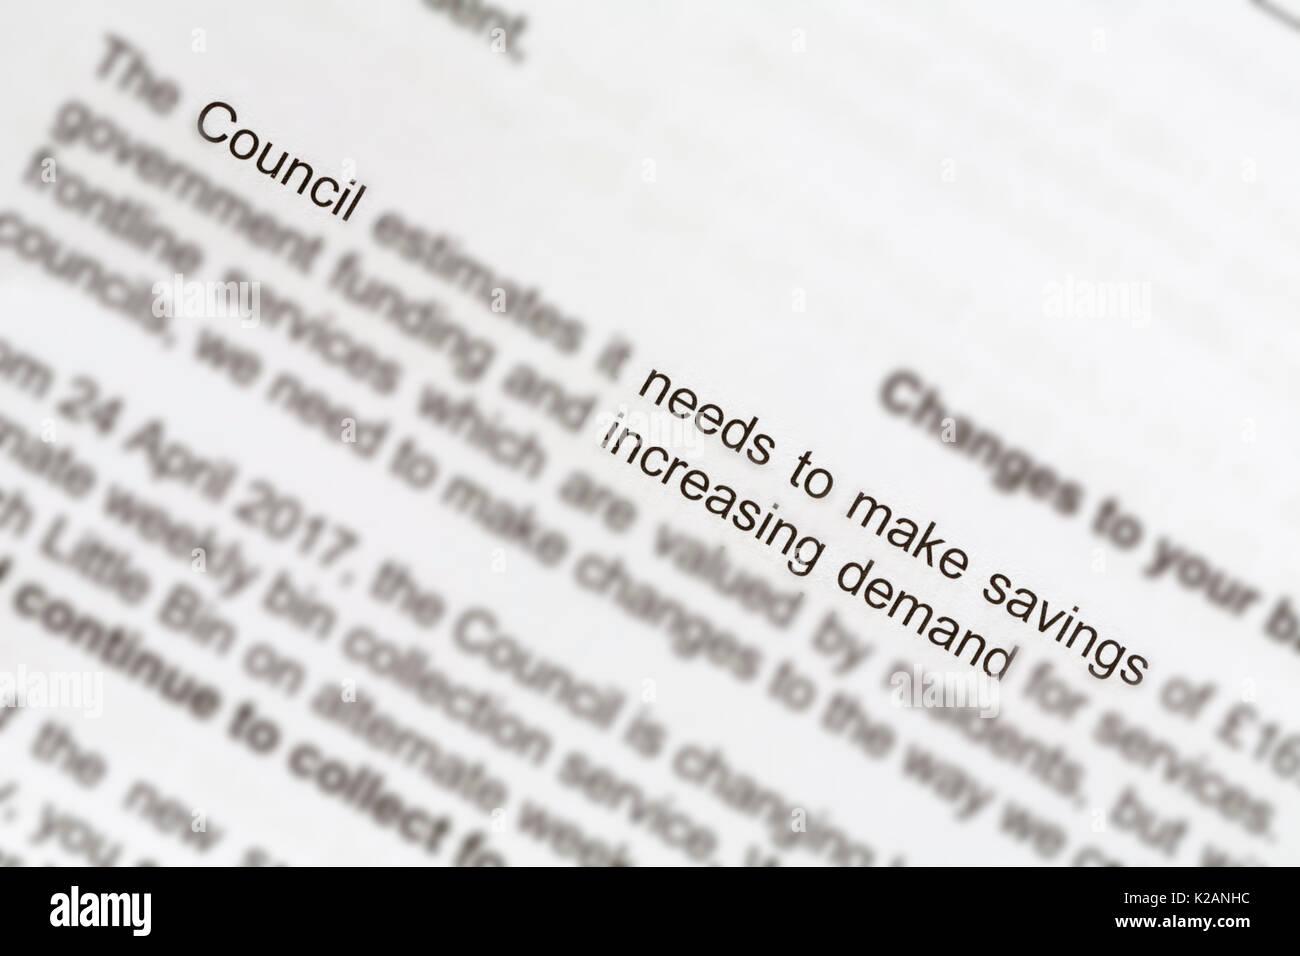 Lettera dal consiglio la consulenza delle modifiche a bin collezioni quindicinale bin collezioni a causa dei tagli nei finanziamenti governativi e aumento della domanda Immagini Stock